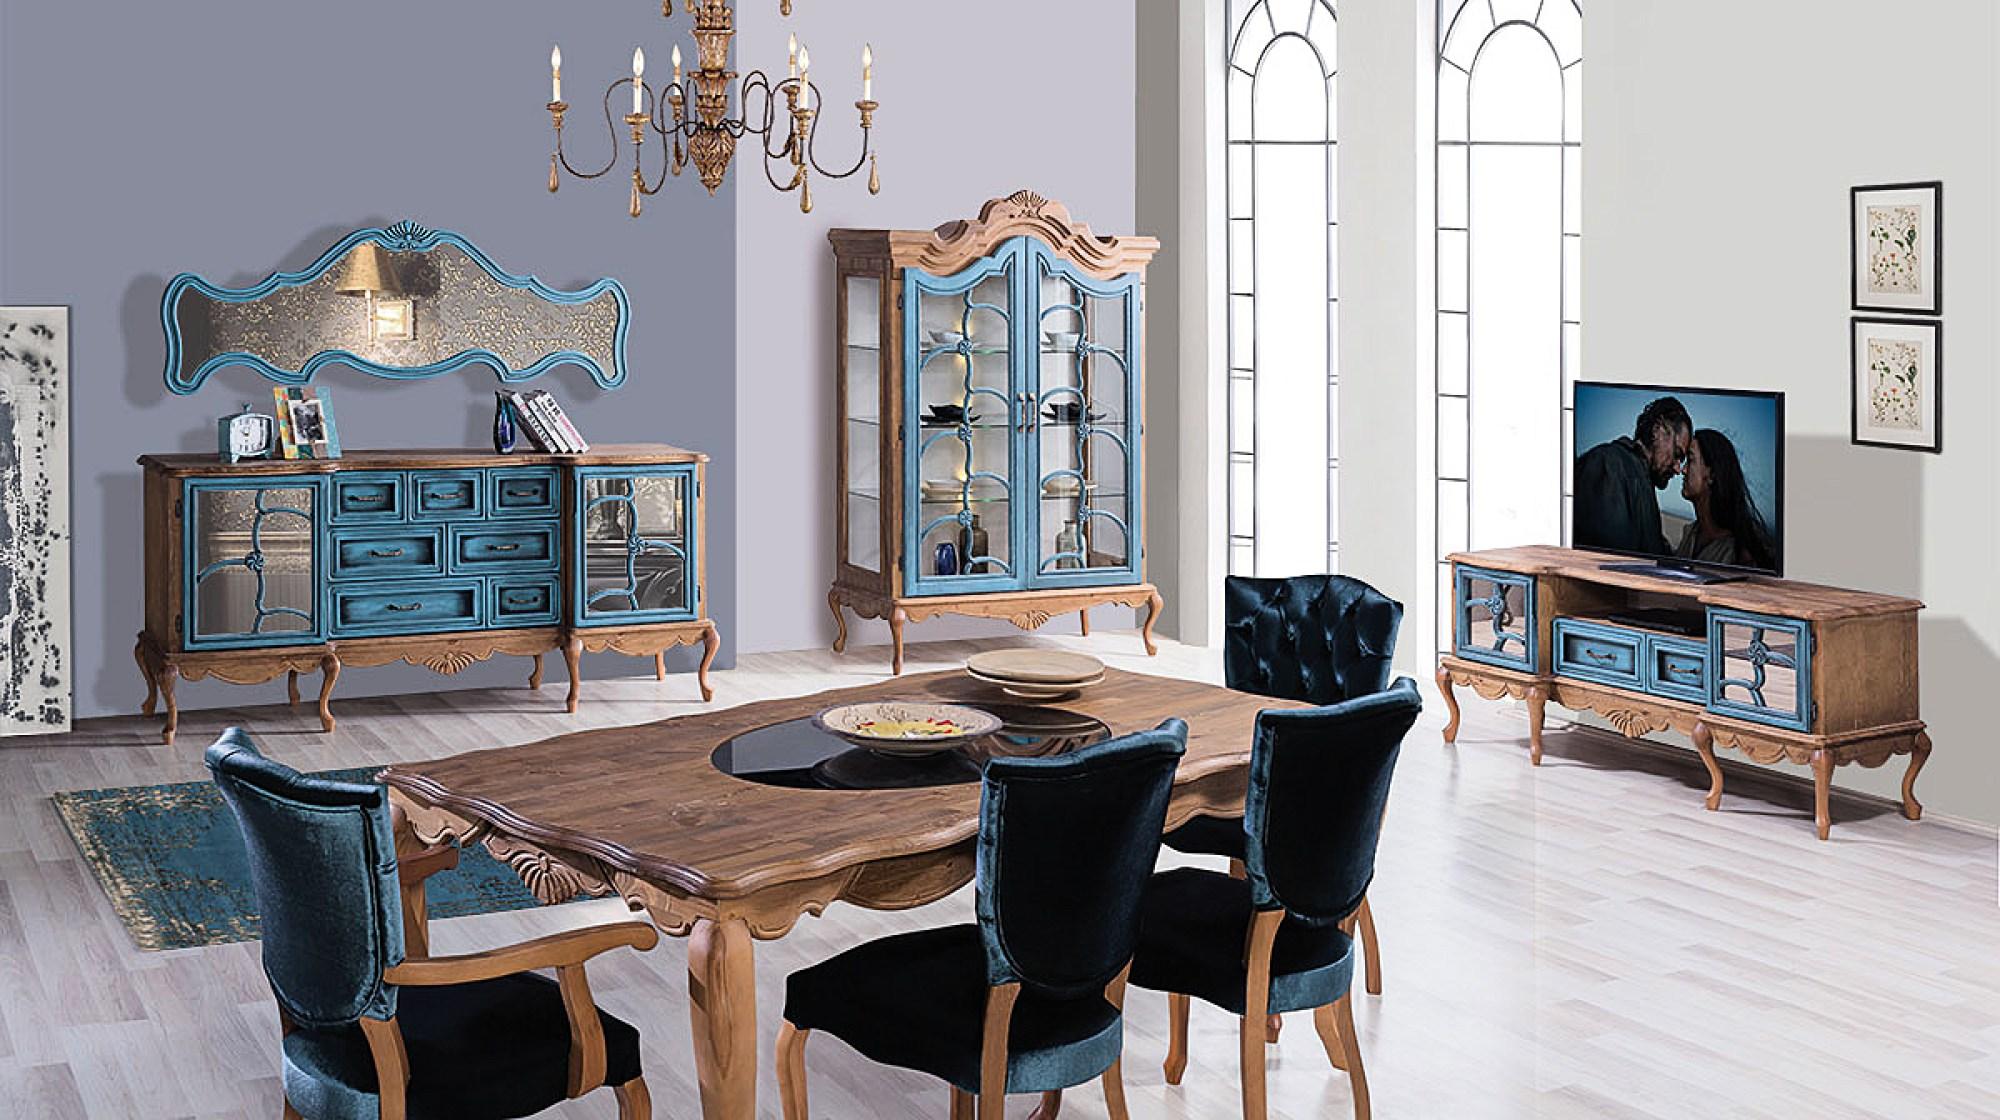 2019 Yemek Odası Modelleriİçin Tıklayın